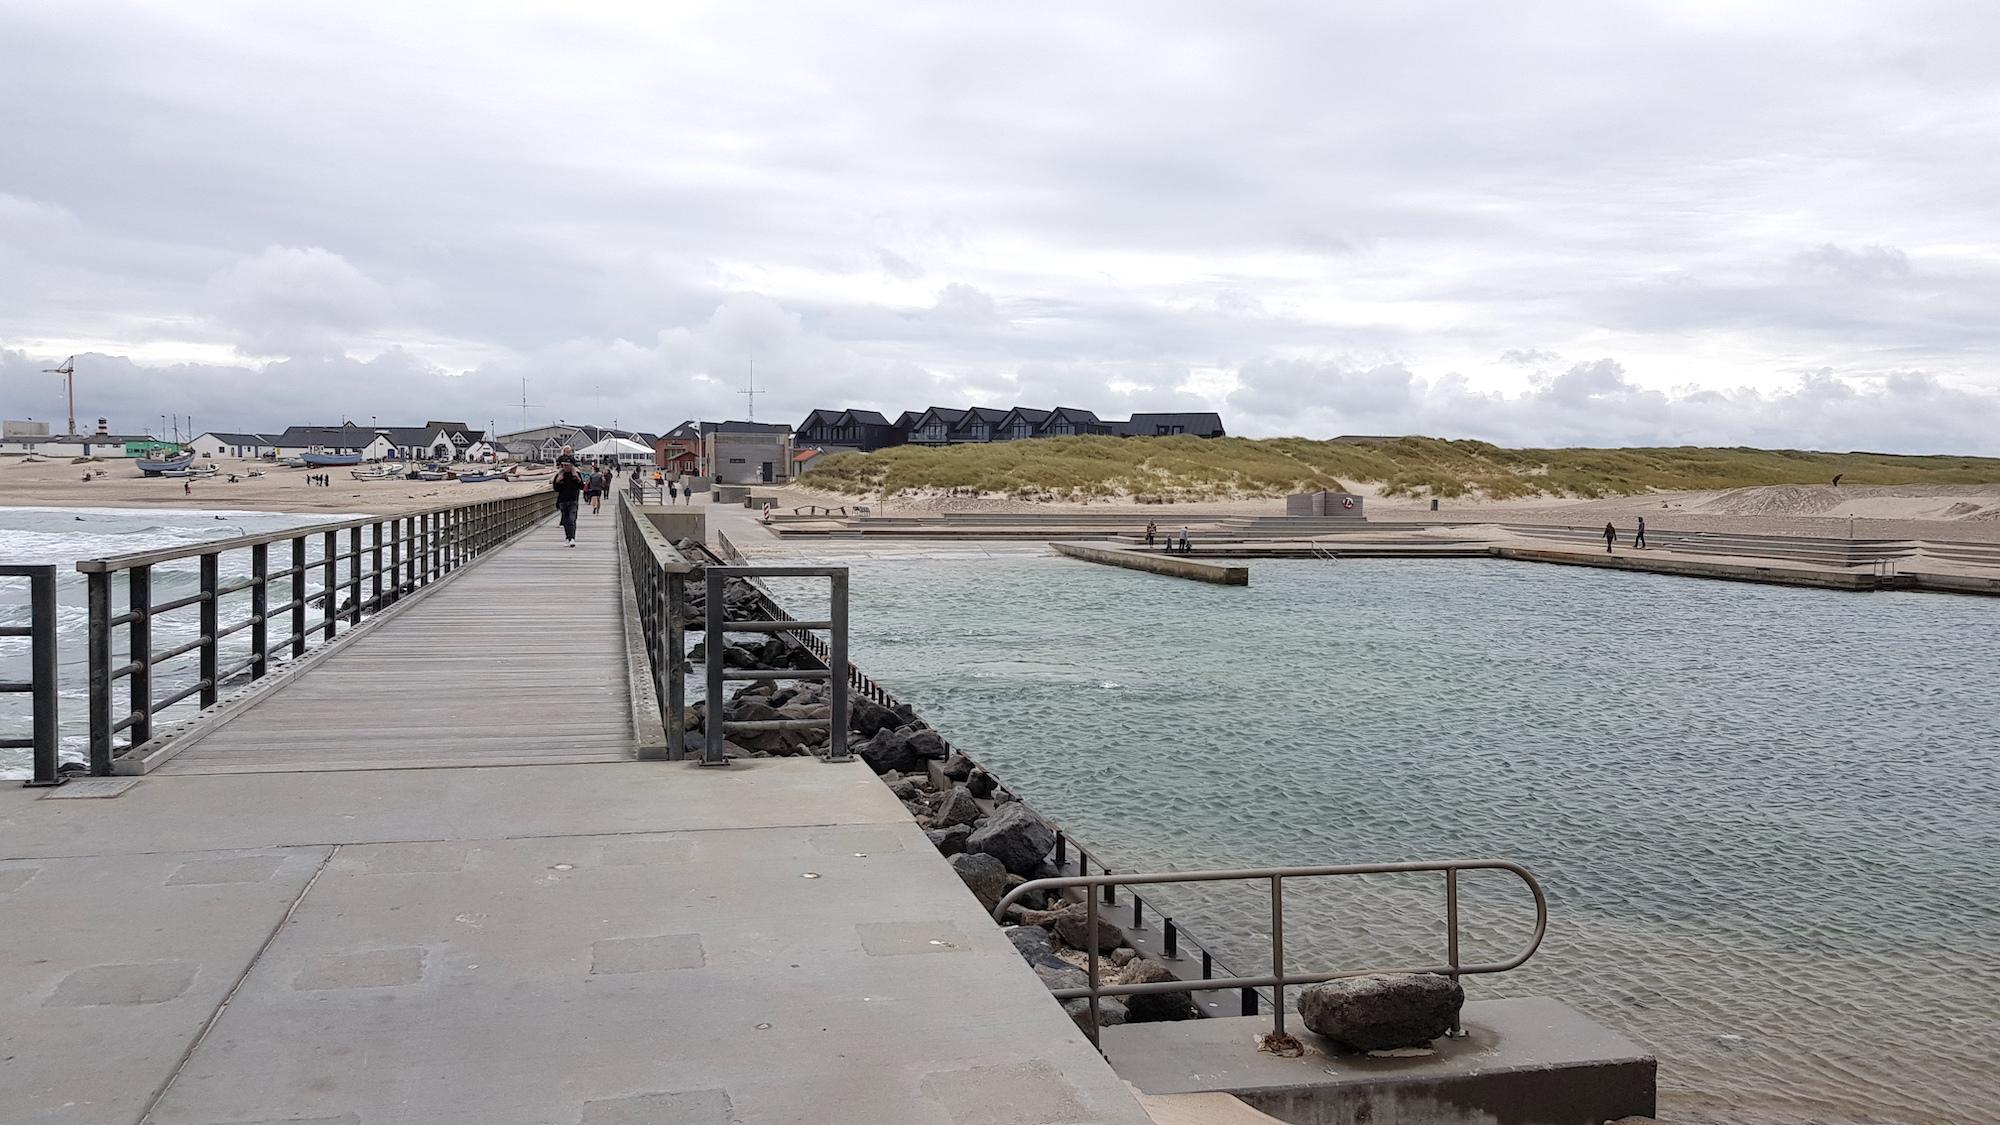 Strand med klitter og huse samt havnebad og mole med gående personer